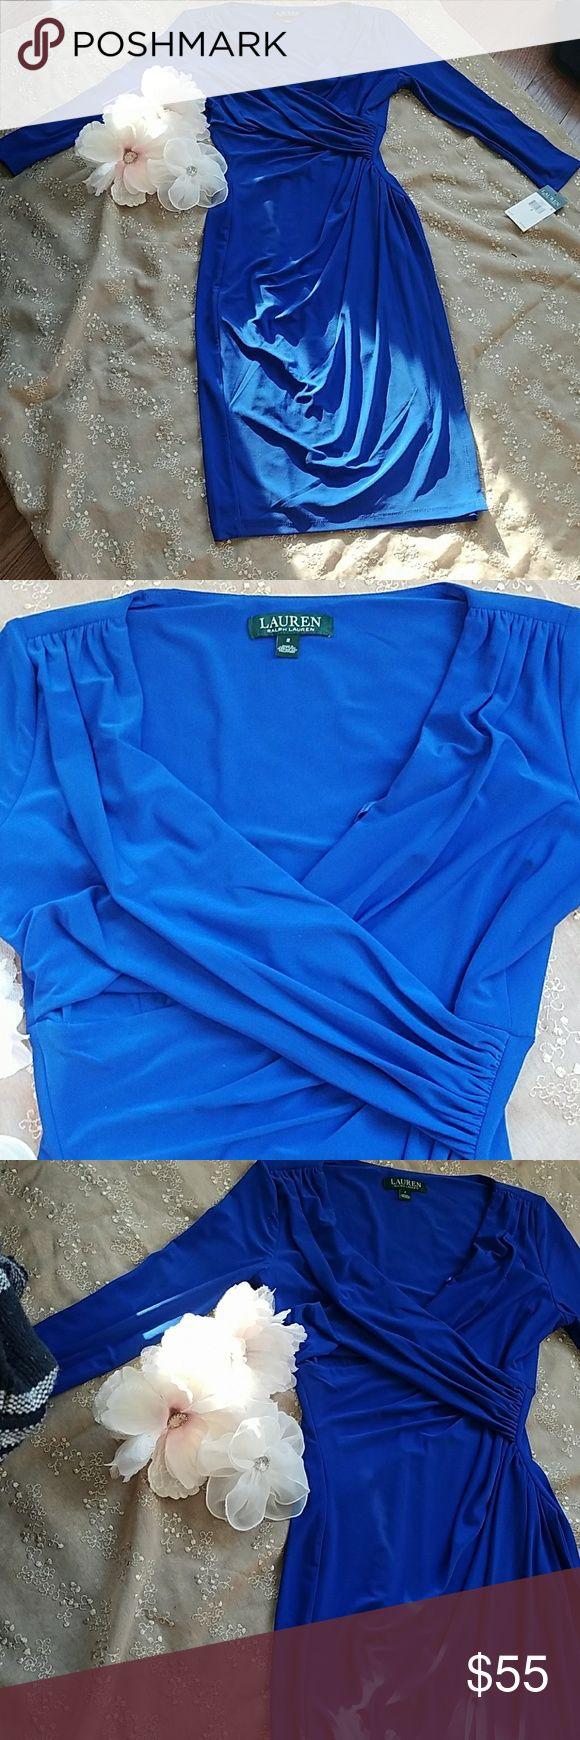 NWT Ralph Lauren dress Ralph Lauren blue dress new with original tags never worn Ralph Lauren Dresses